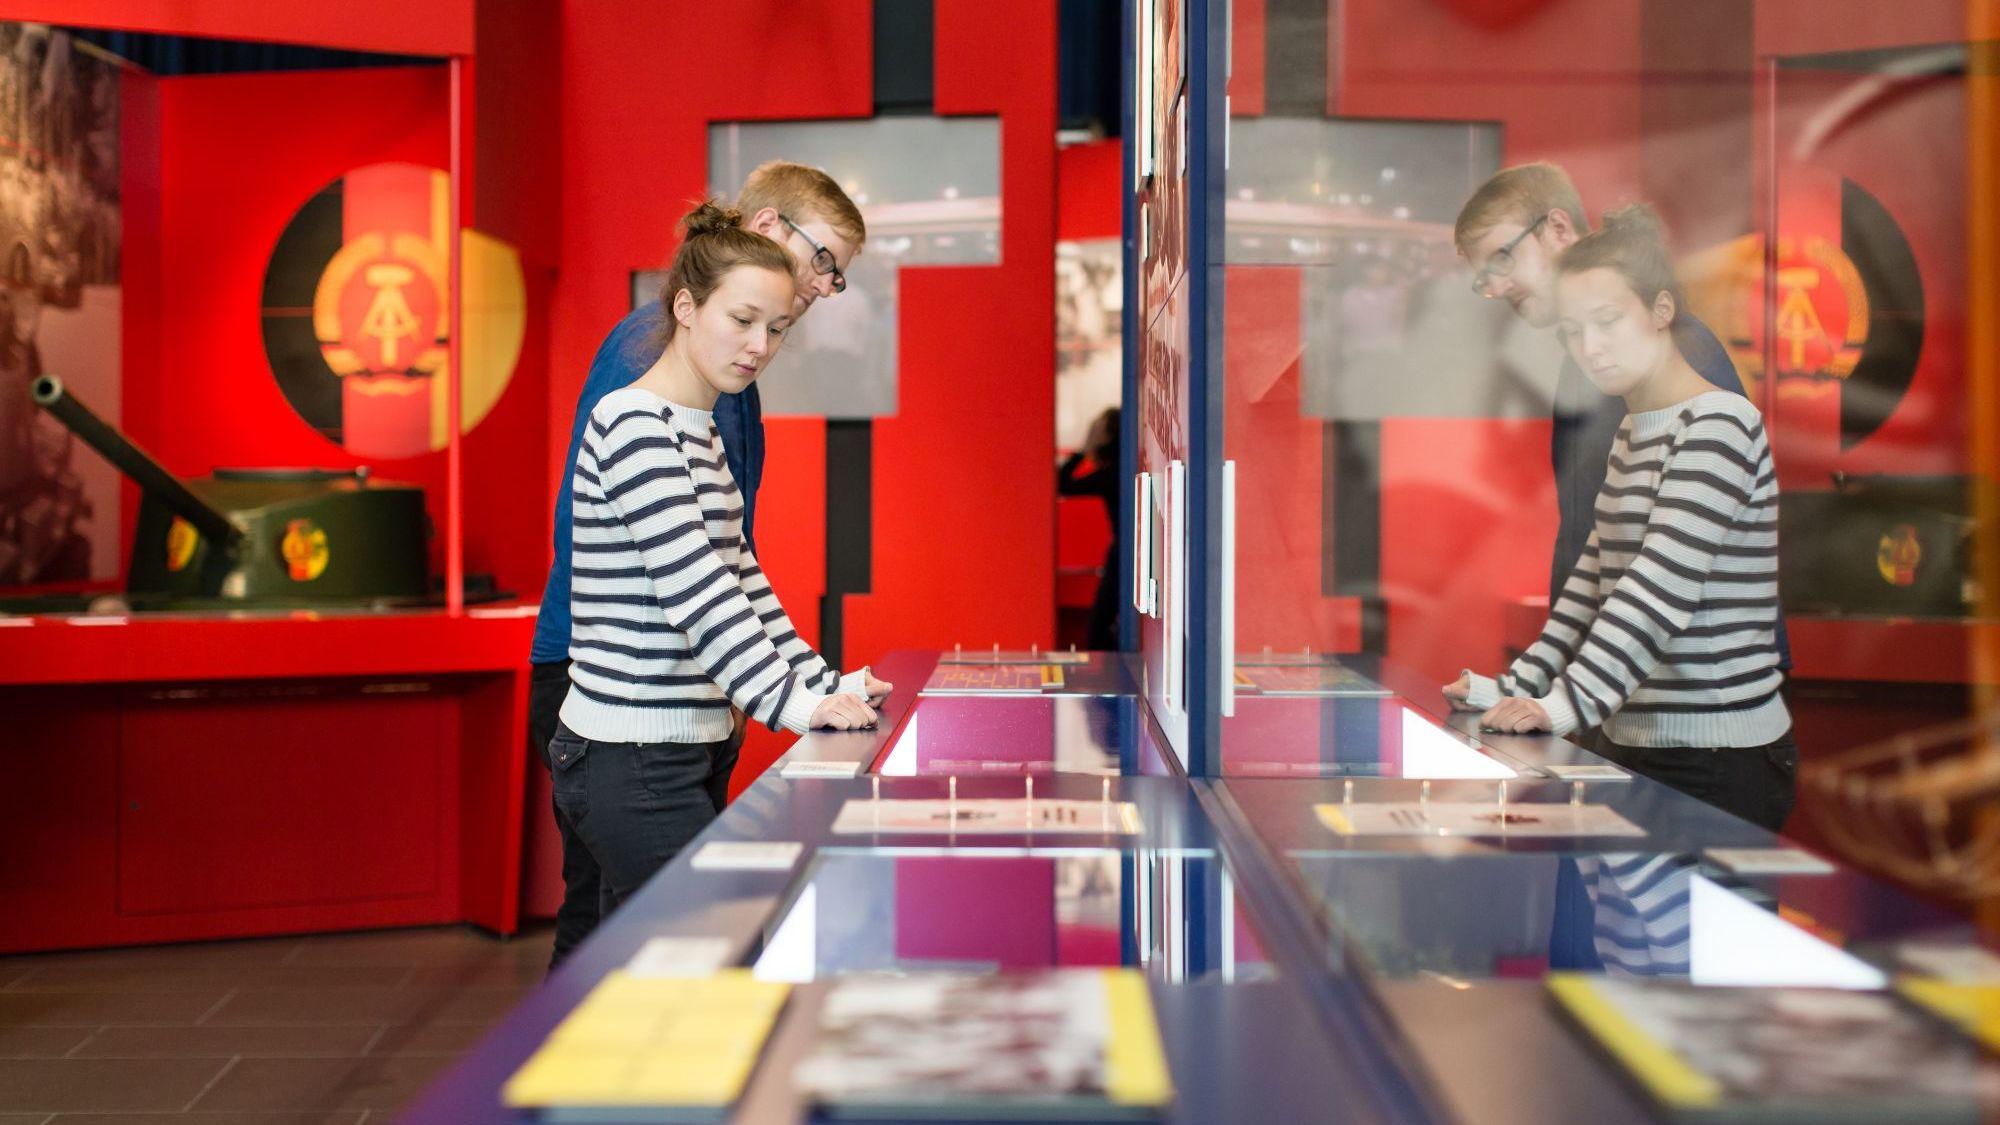 Blick in einen Ausstellungsraum mit einer großen Längsvitrine im Vordergrund und roter Ausstellungsarchitektur im Hintergrund mit DDR- Wappen und einem Kinder-Panzer. Eine junge Frau und ein junger Mann sehen sich die Objekte in der Vitrine an